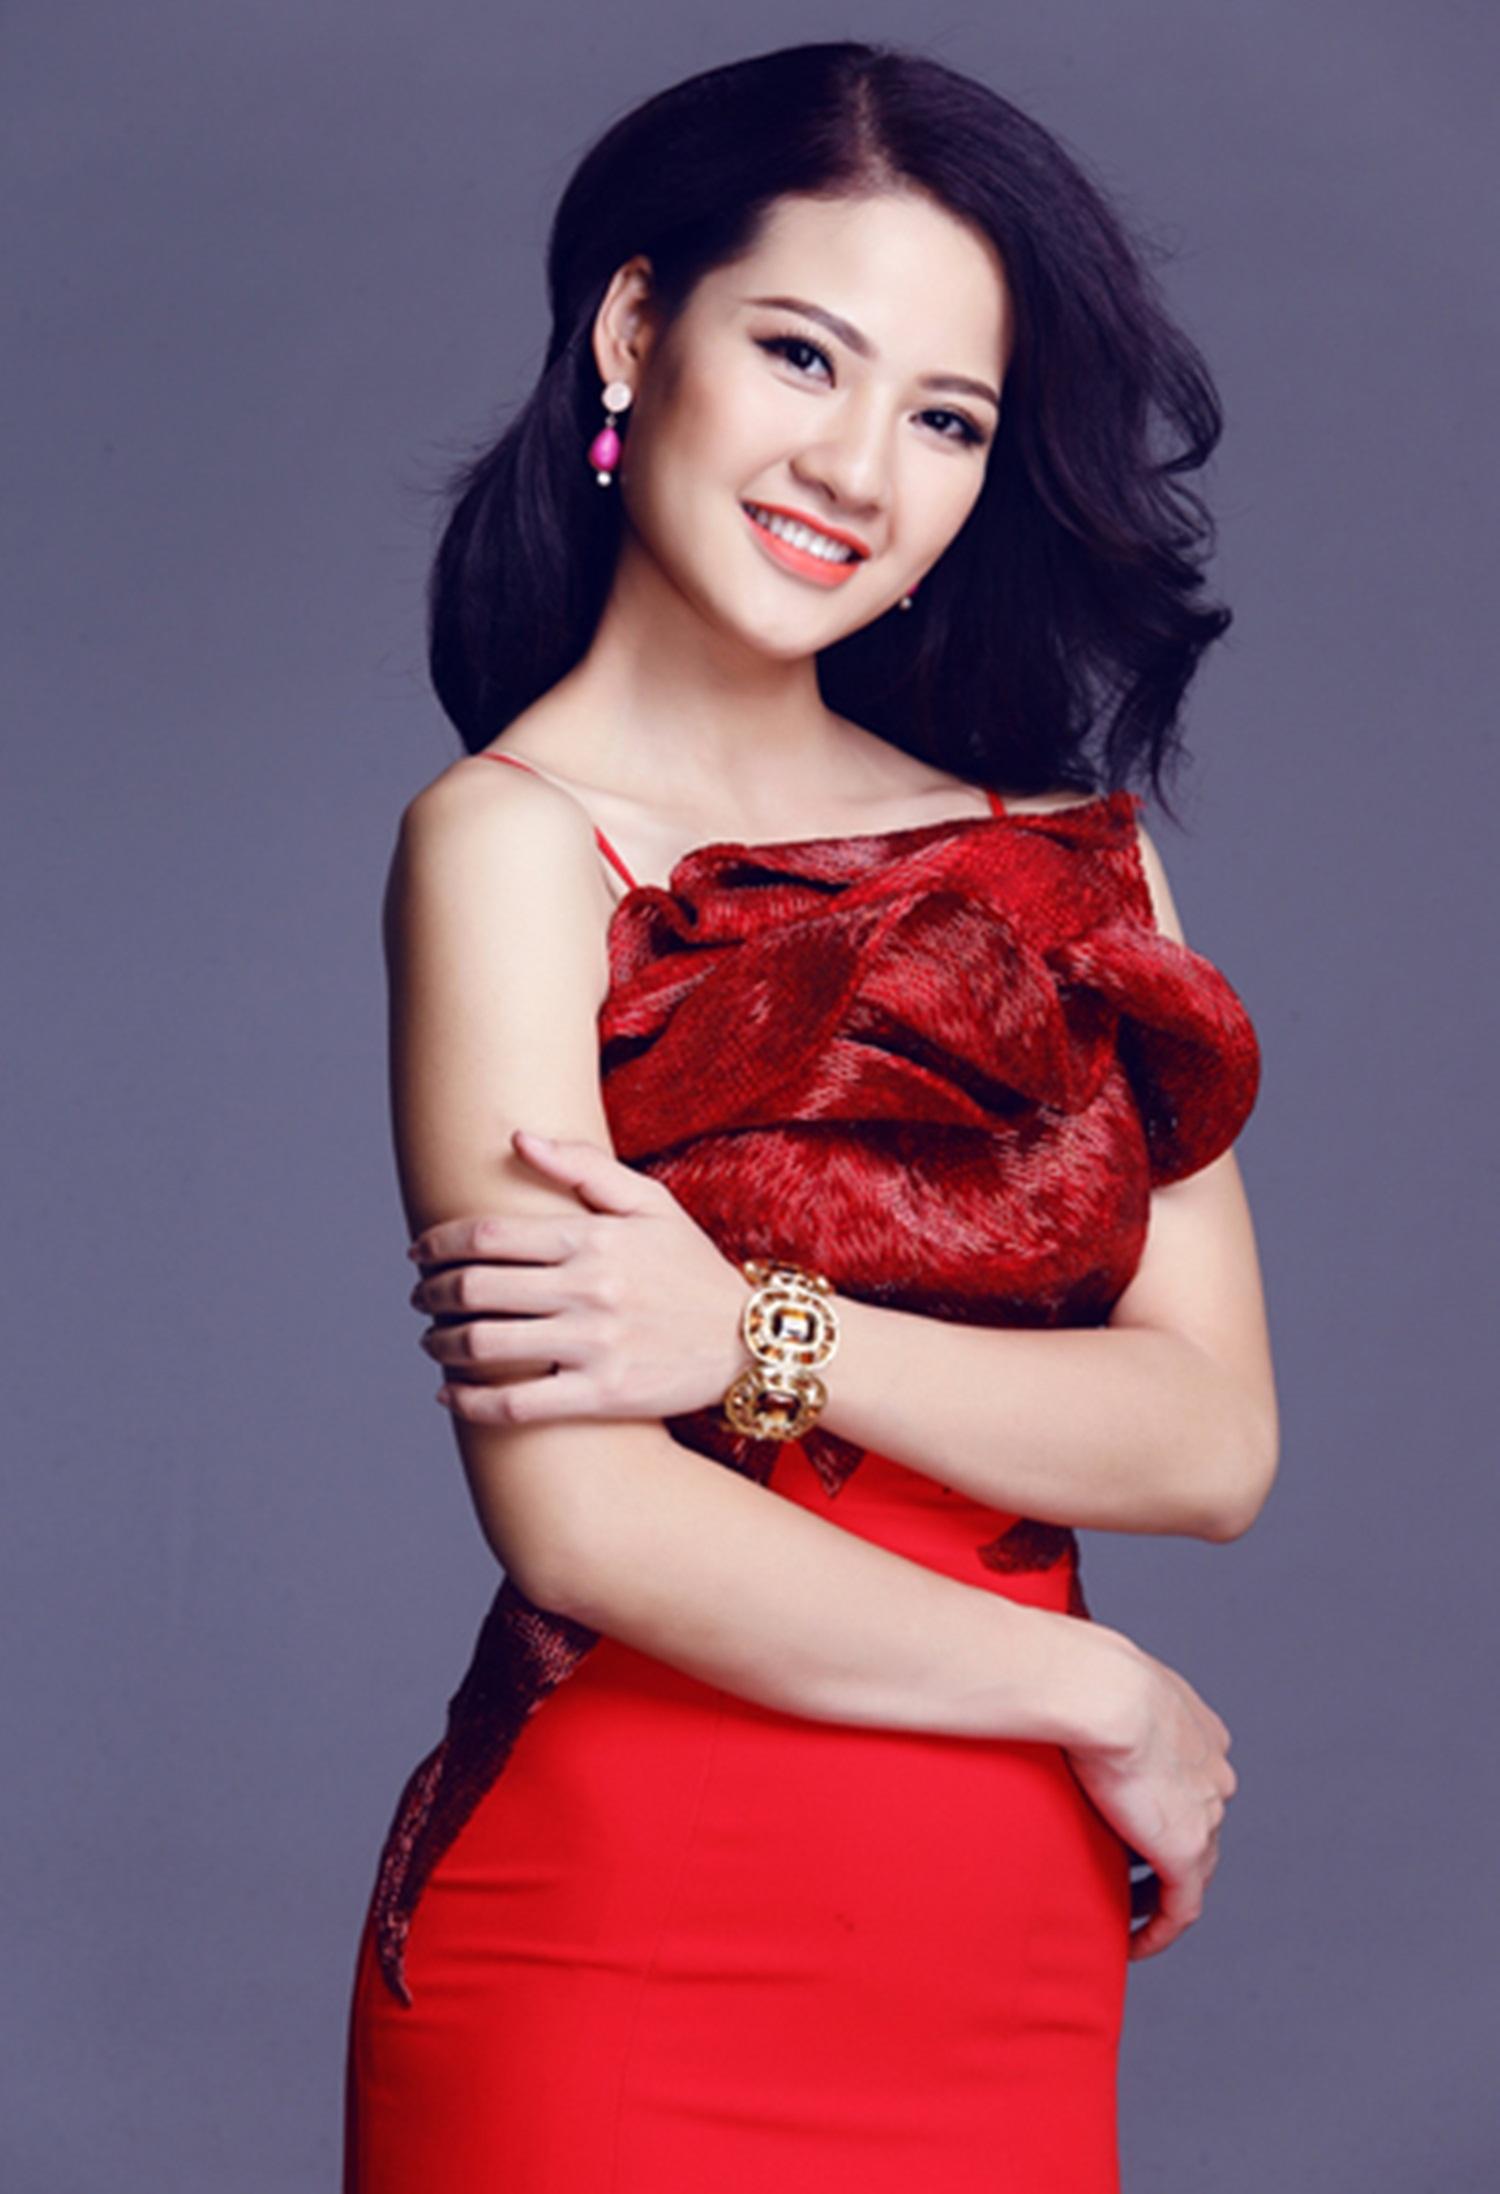 Năm 2013, cô đại diện Việt Nam dự thi Hoa hậu quý bà Thế giới 2013 tại Quảng Châu (Trung Quốc) và lọt top 6.